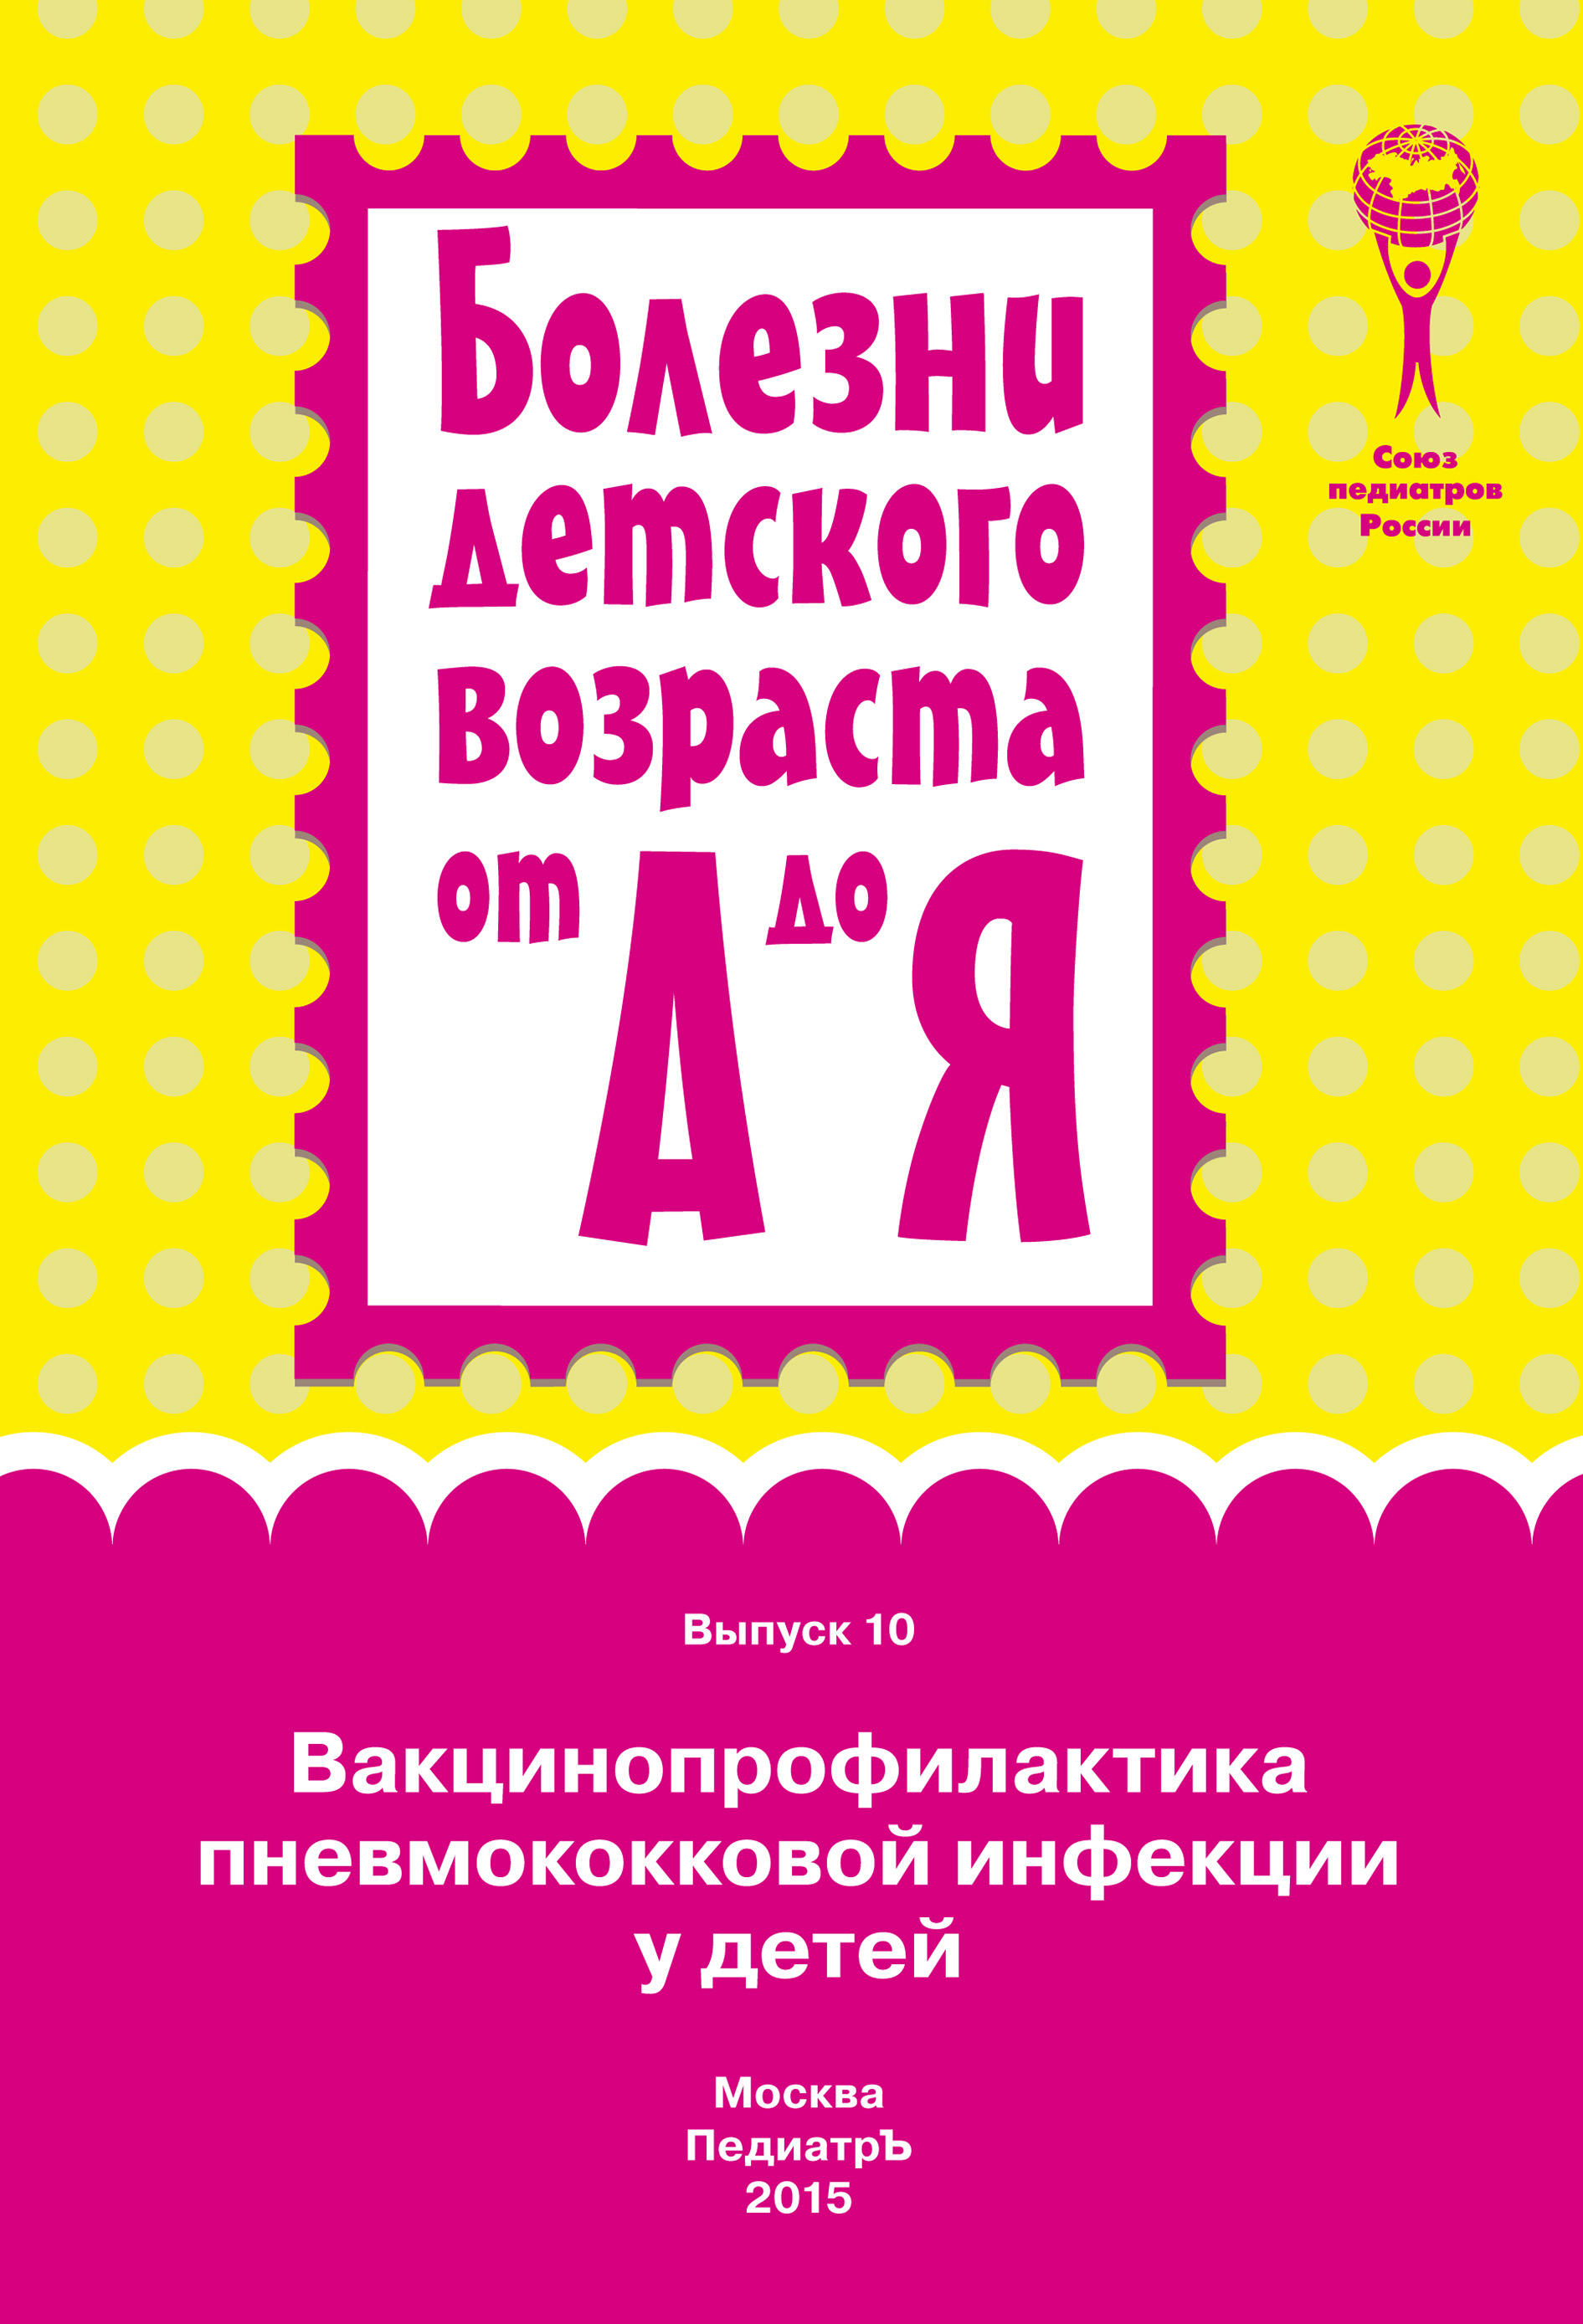 Коллектив авторов Вакцинопрофилактика пневмококковой инфекции у детей коллектив авторов иммунопрофилактика менингококковой инфекции у детей